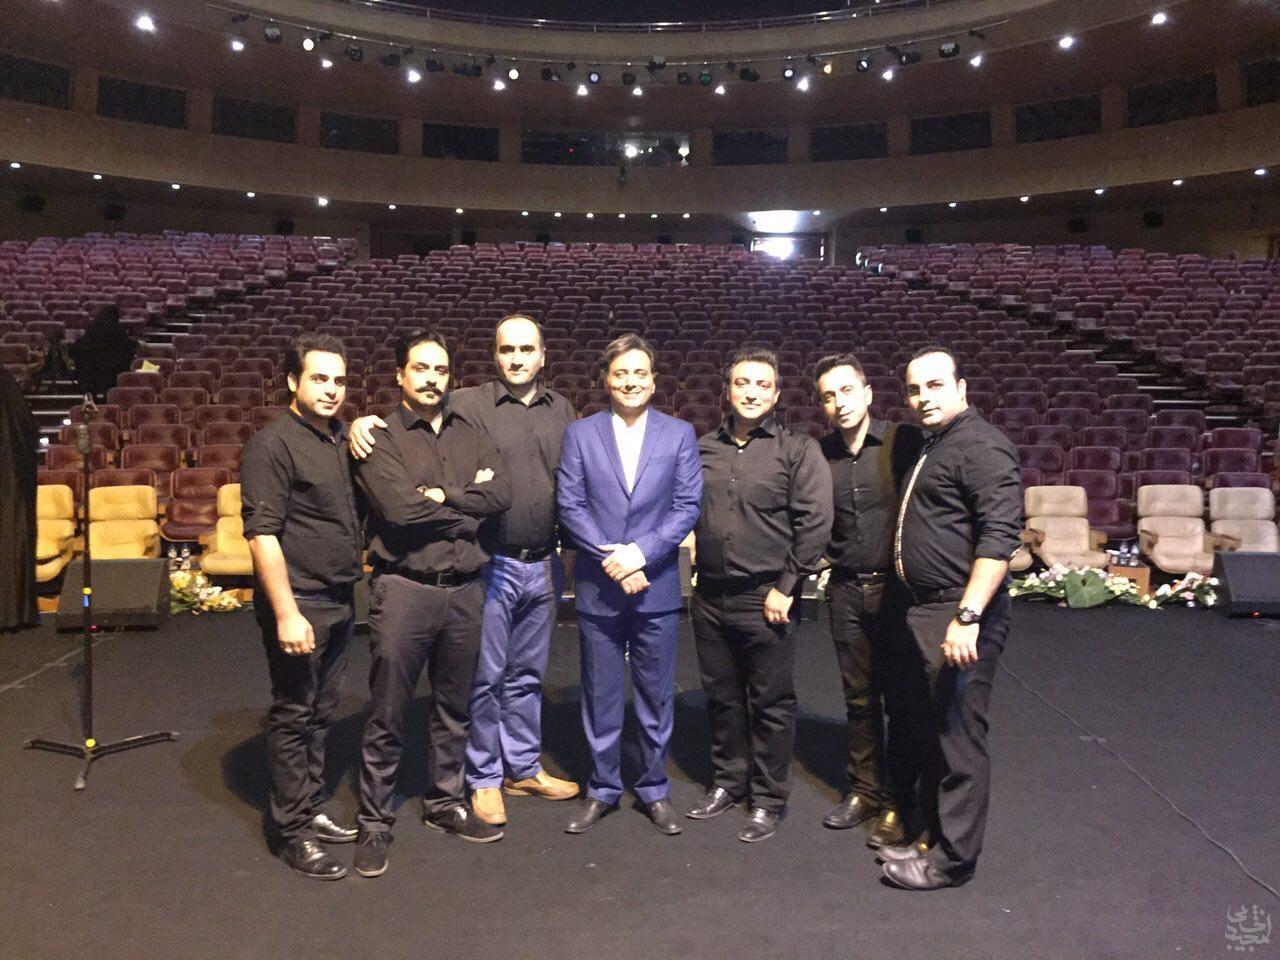 مجید اخشابی به همراه اعضای ارکستر در مراسم اختتامیه جشنواره شهرداری